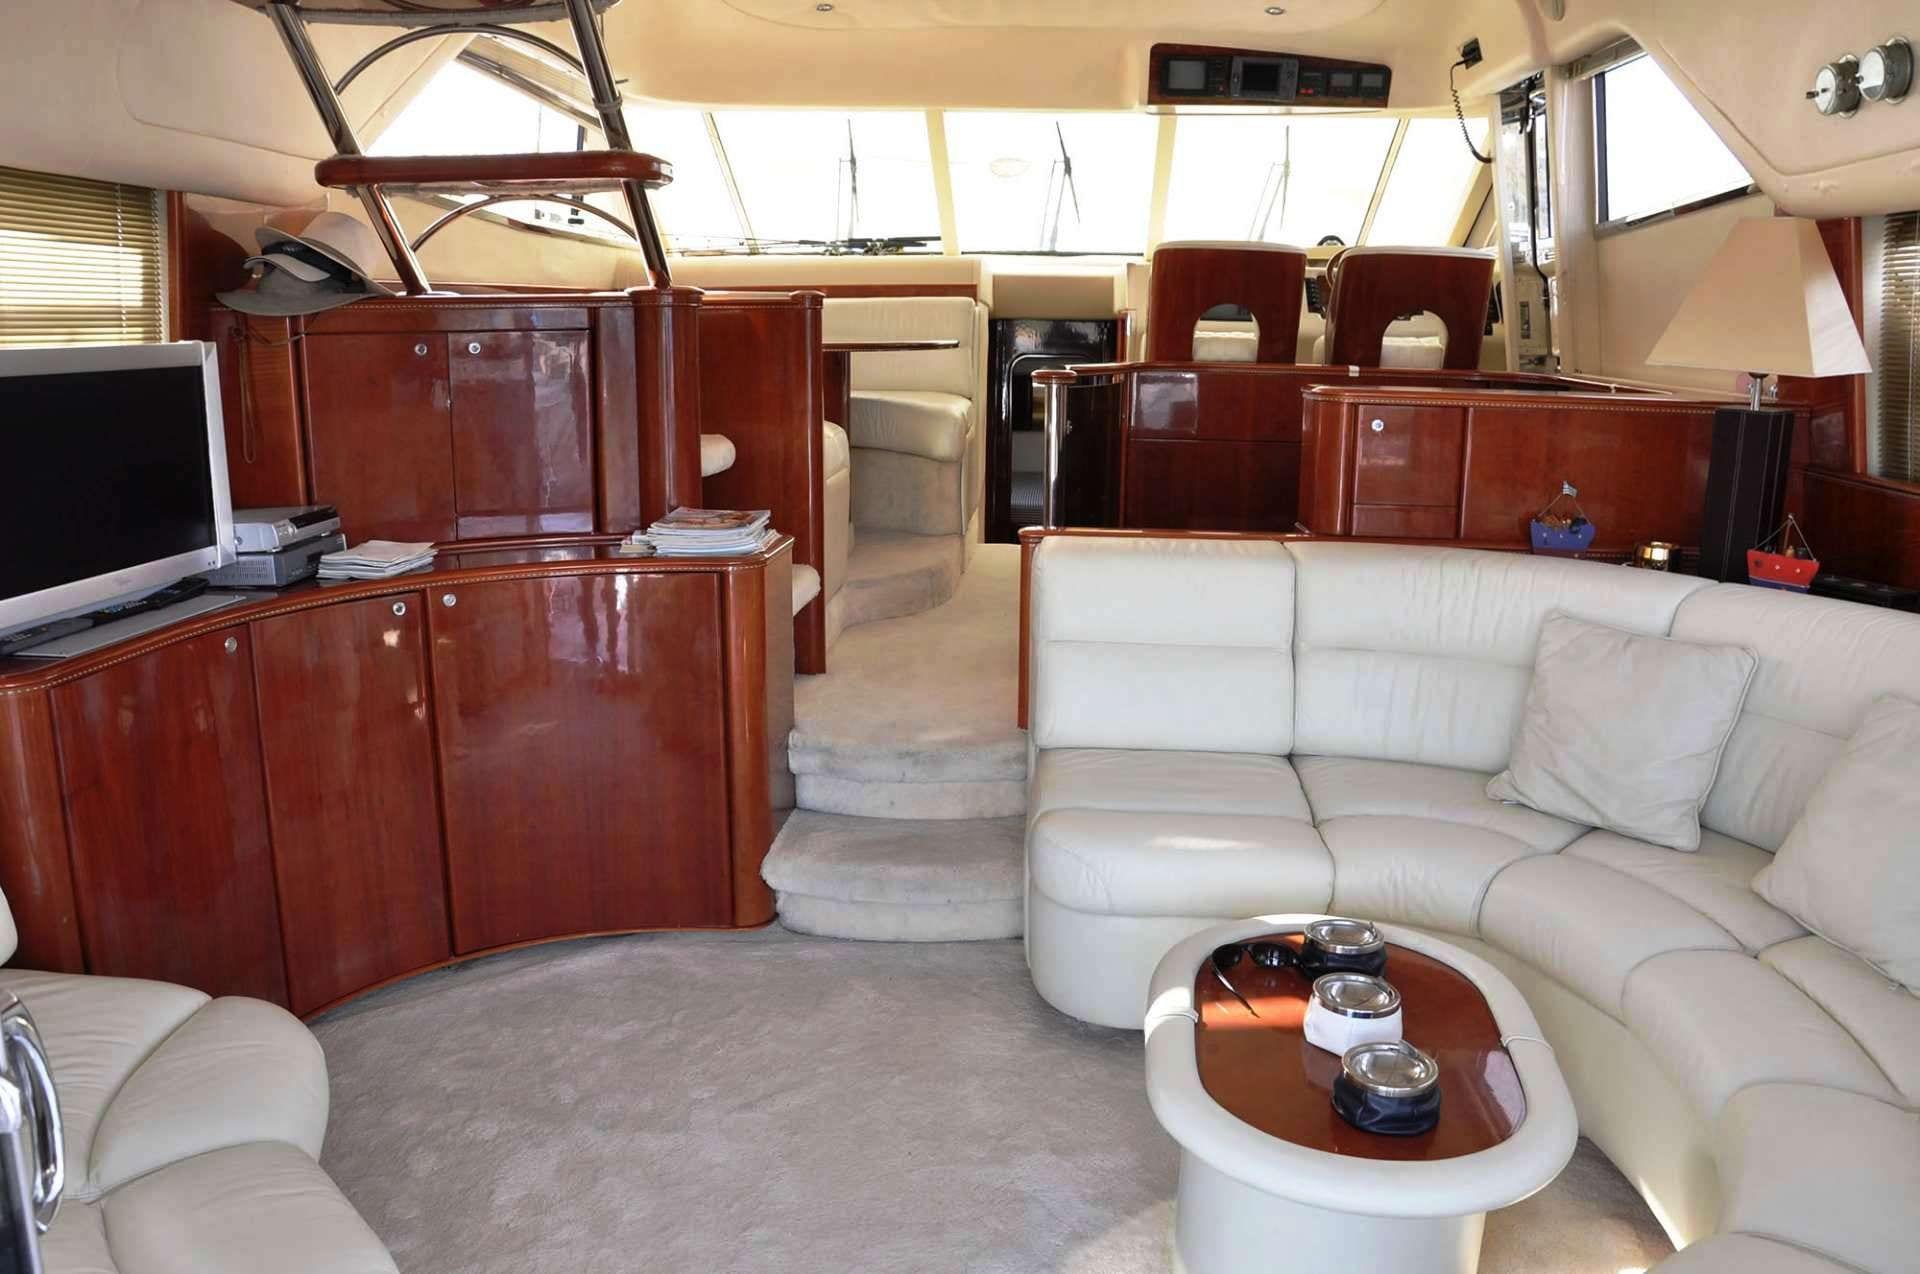 maria vek salon (1)_valef -  Valef Yachts Chartering - 5448